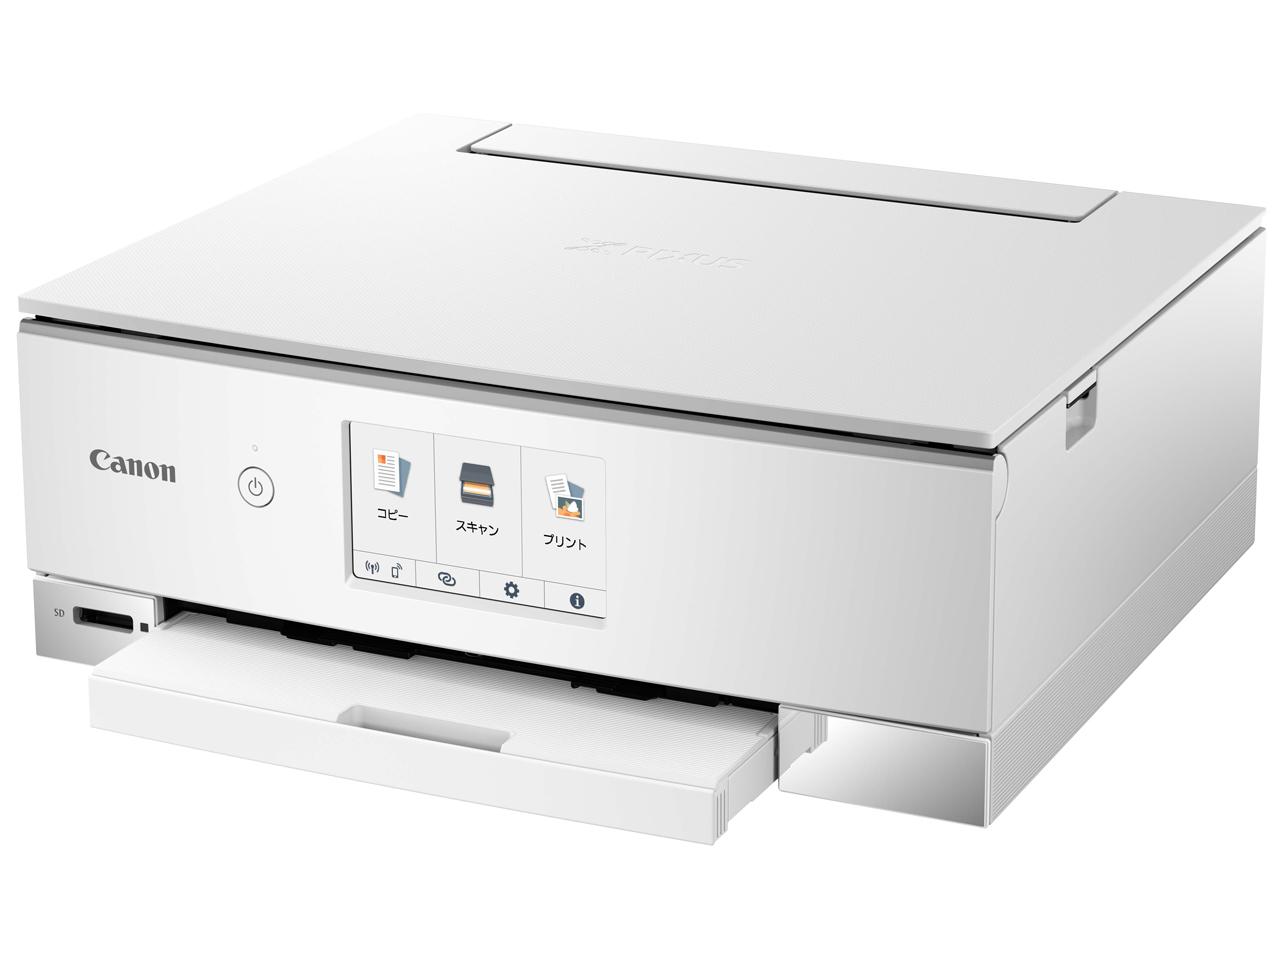 PIXUS TS8330 [ホワイト] の製品画像